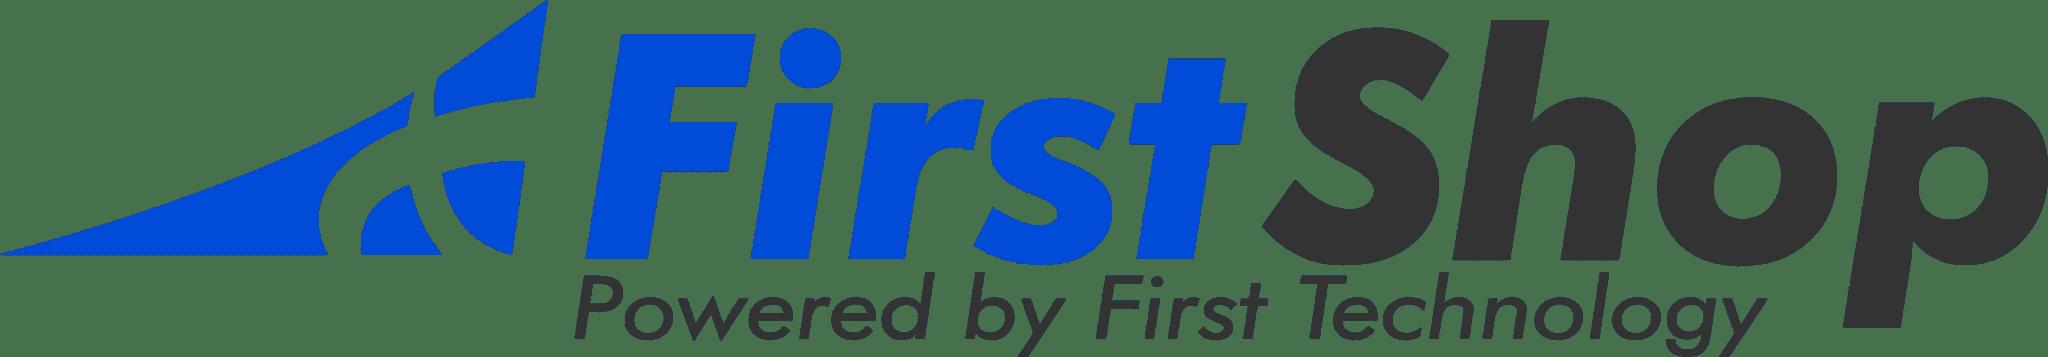 FirstShop